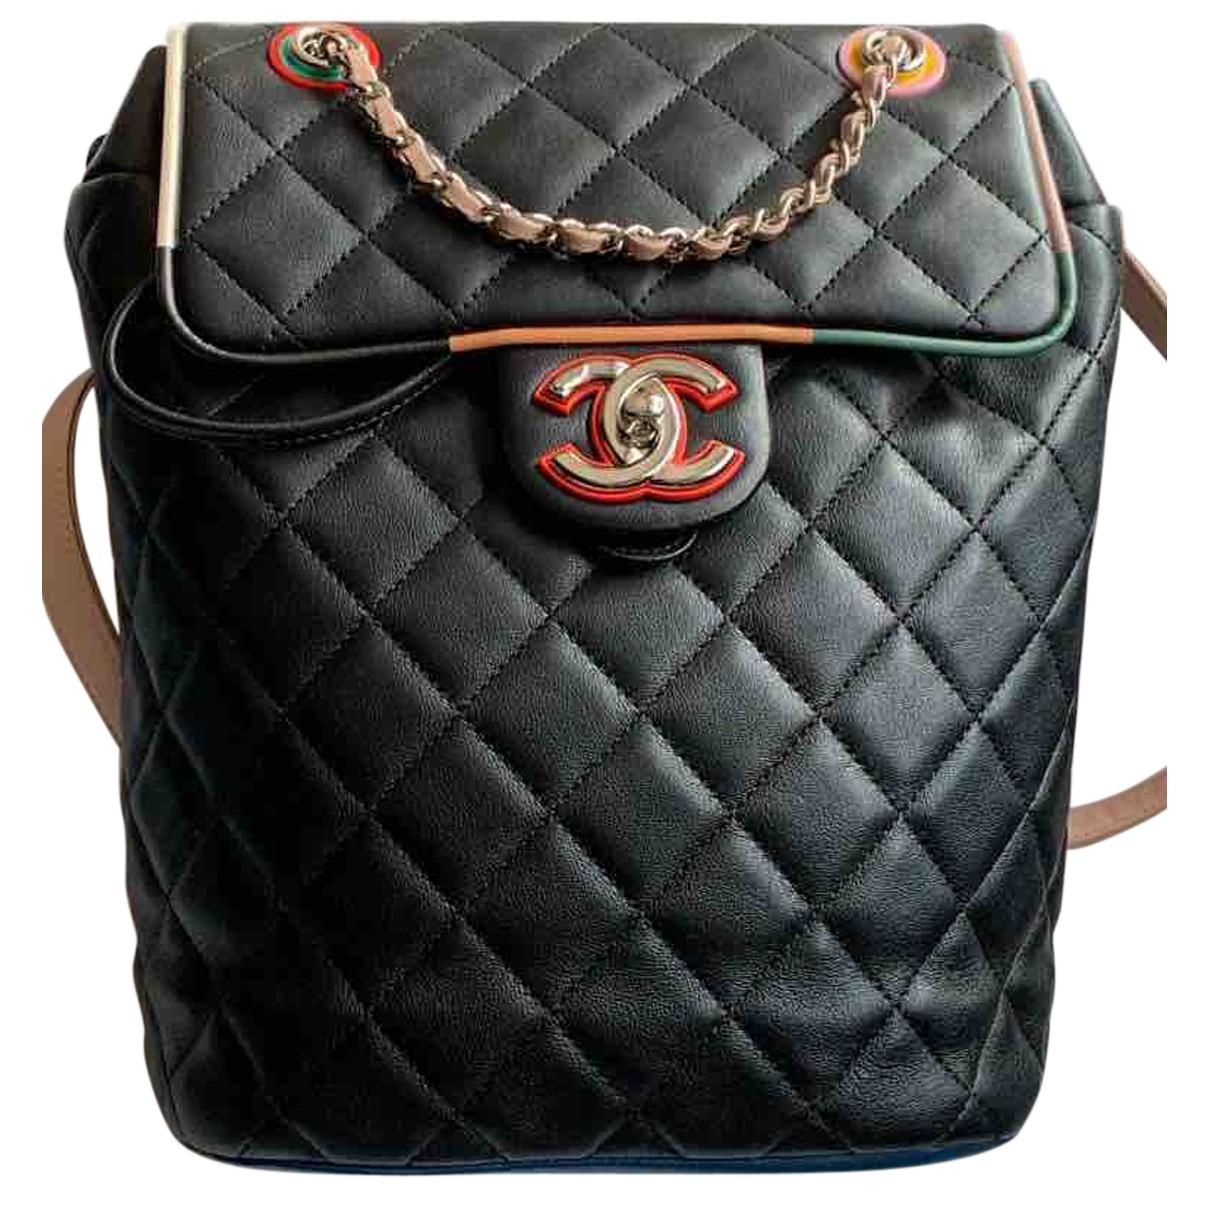 Chanel - Sac a dos Timeless/Classique pour femme en cuir - noir